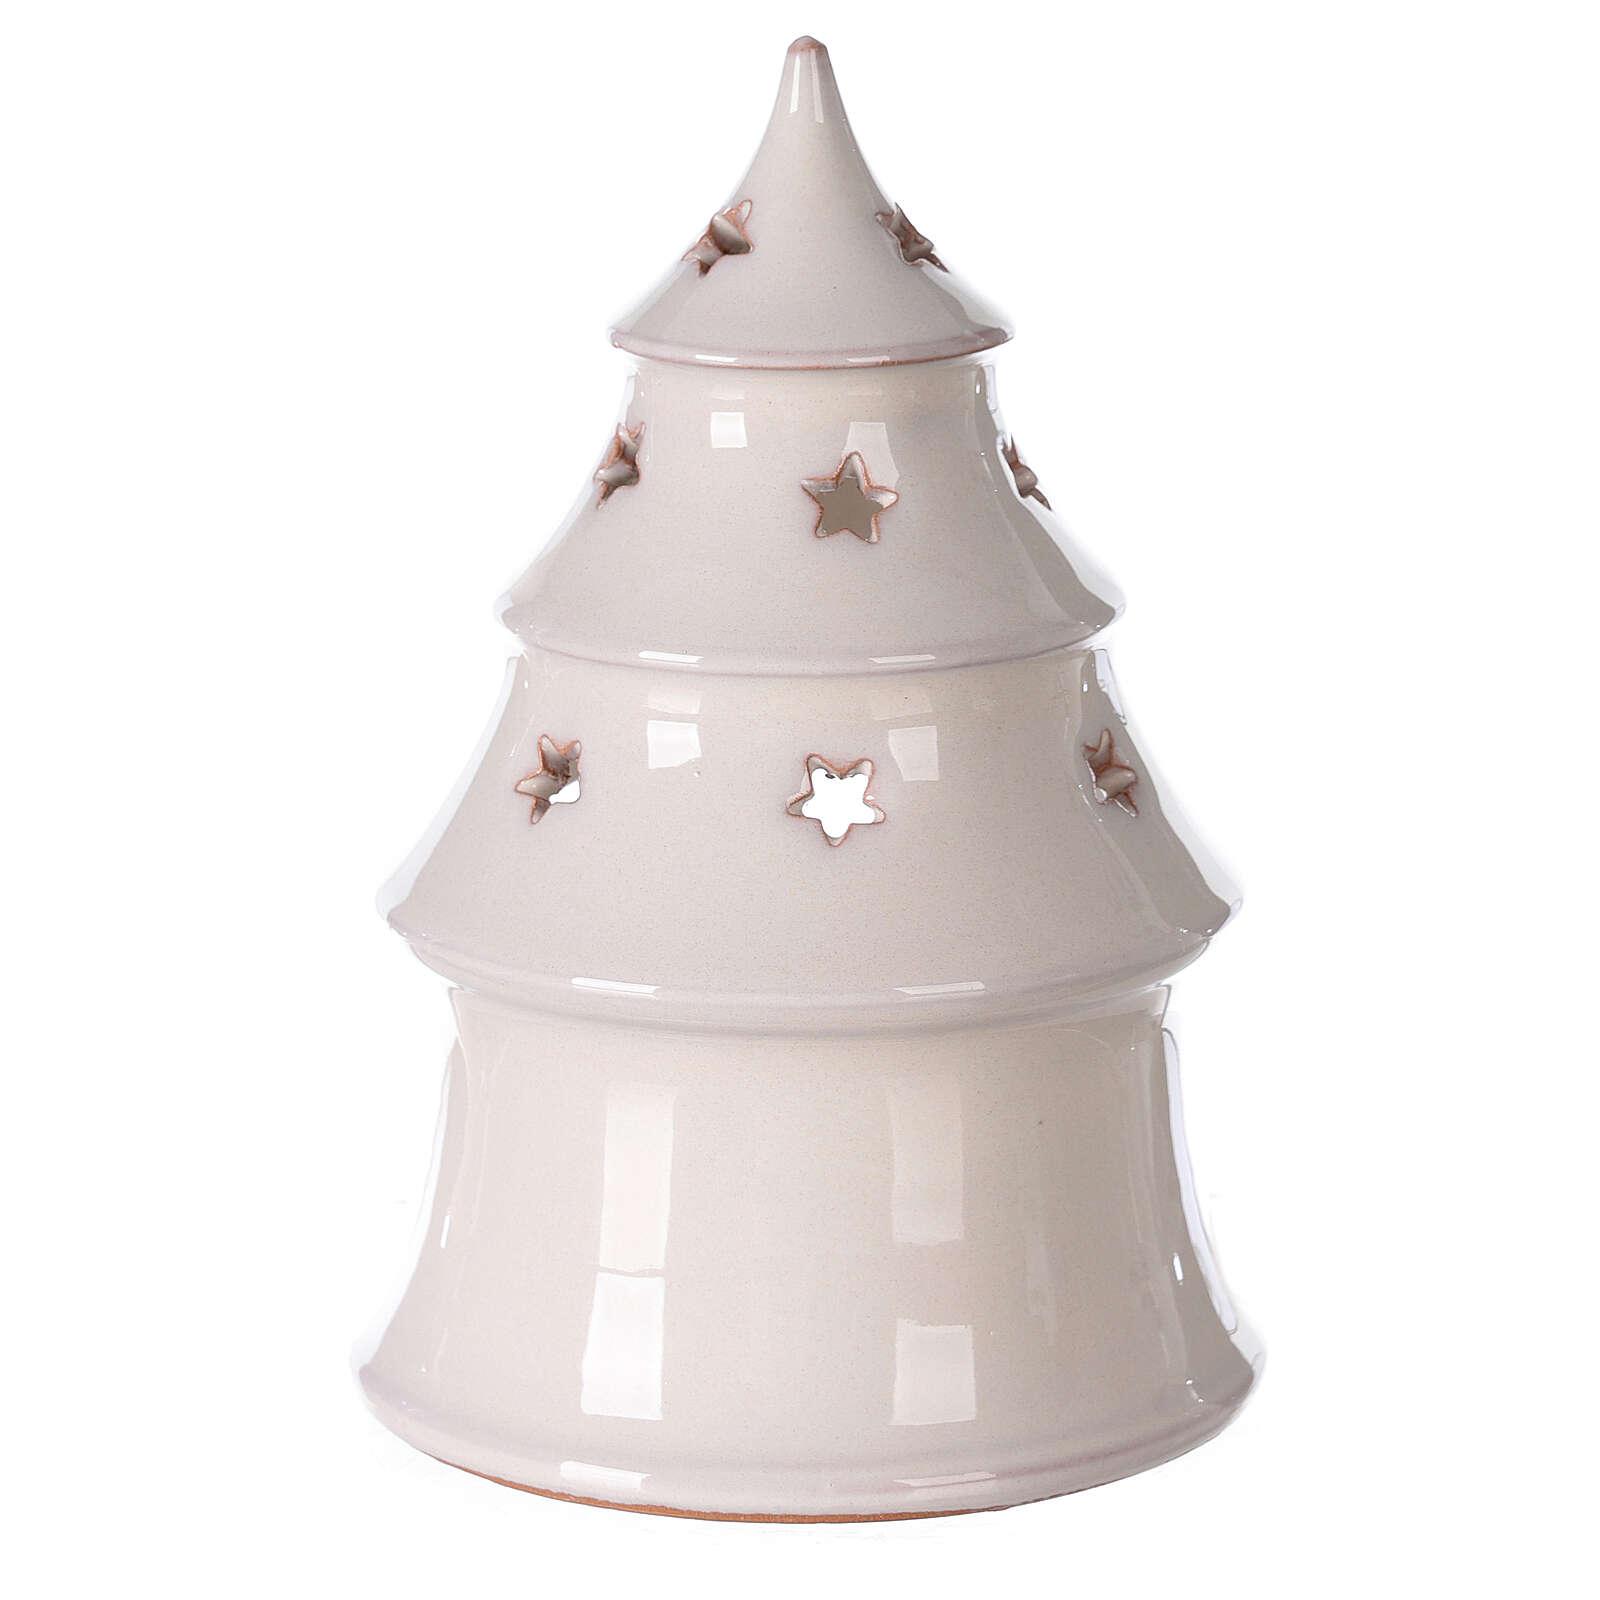 Sapin Noël ajouré Nativité terre cuite blanche Deruta 15 cm 4